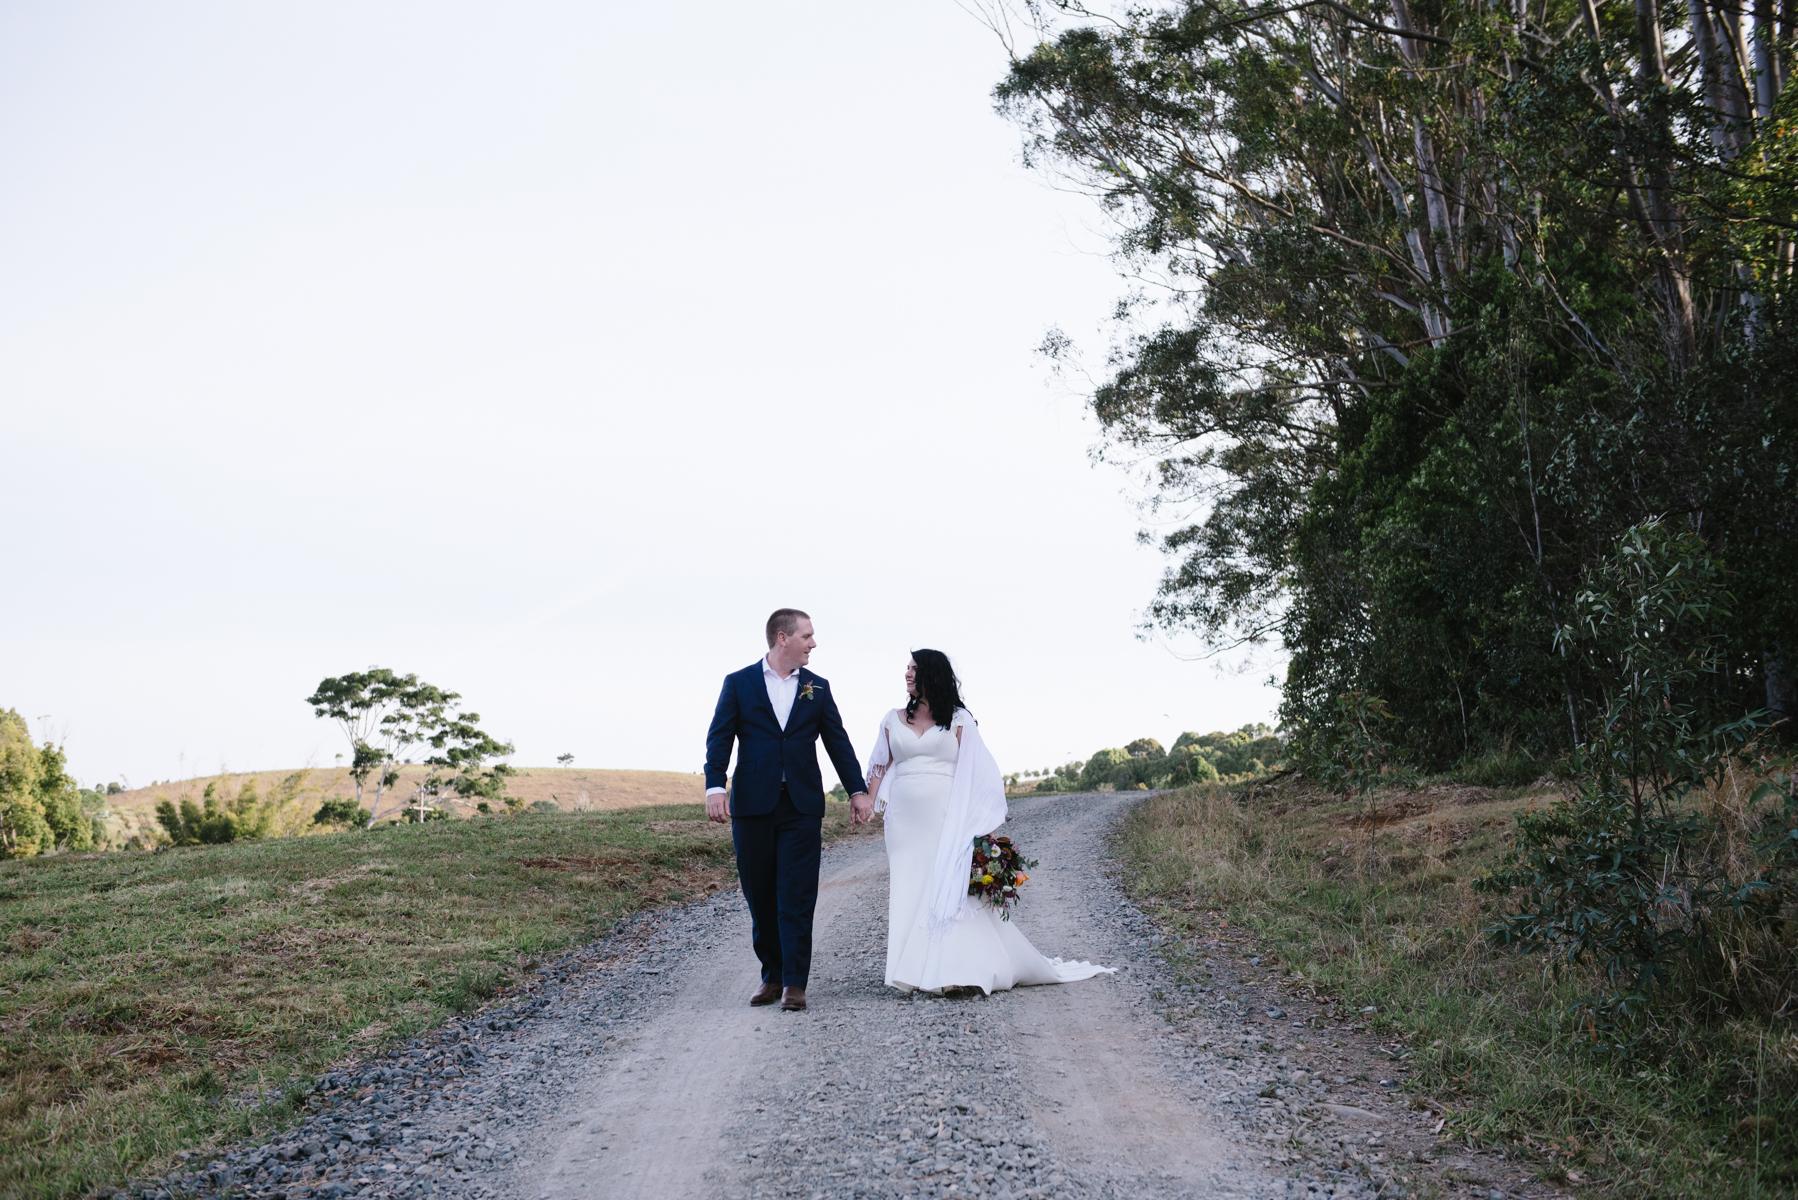 sarahandBenwedding- skyla sage photography weddings, families, byron bay,tweed coast,kingscliff,cabarita,gold coast-678.jpg